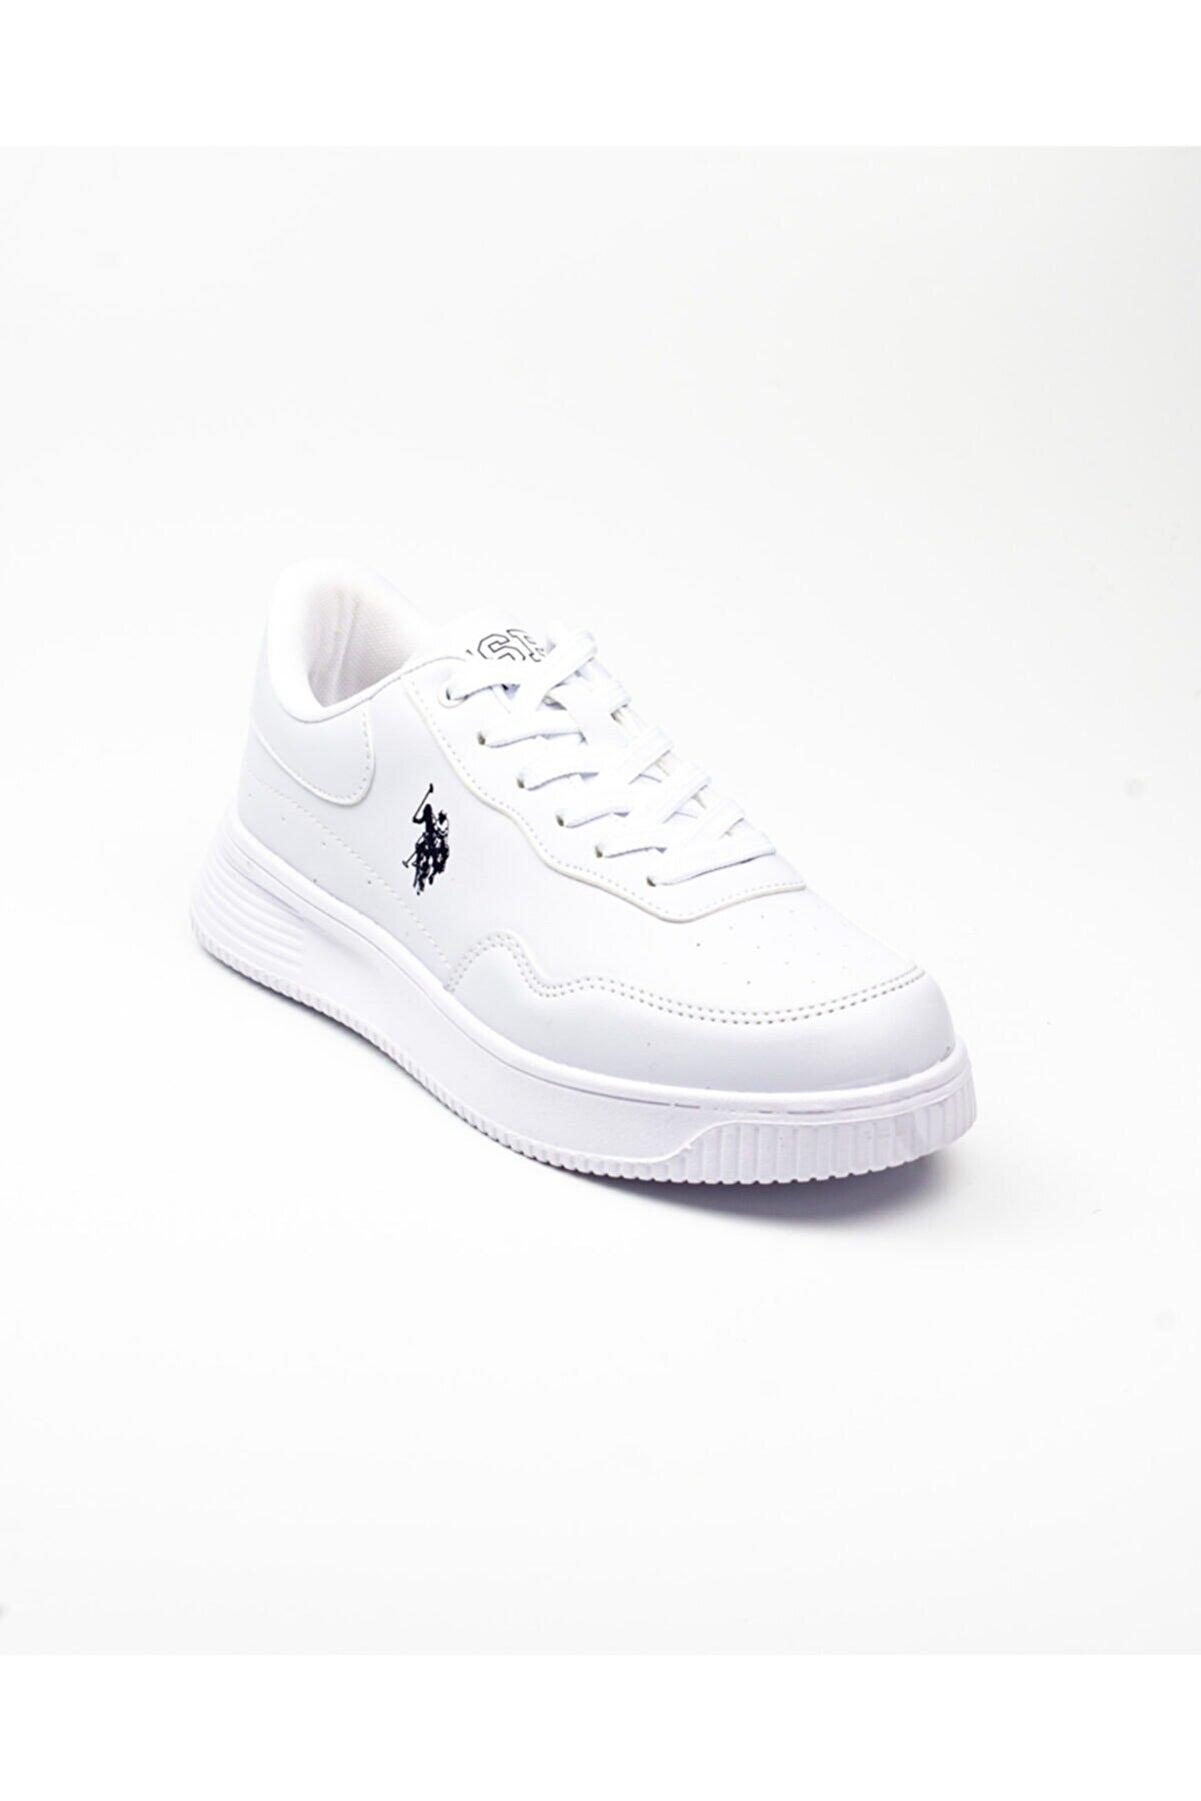 US Polo Assn Kadın Beyaz Sneaker -40 100909442